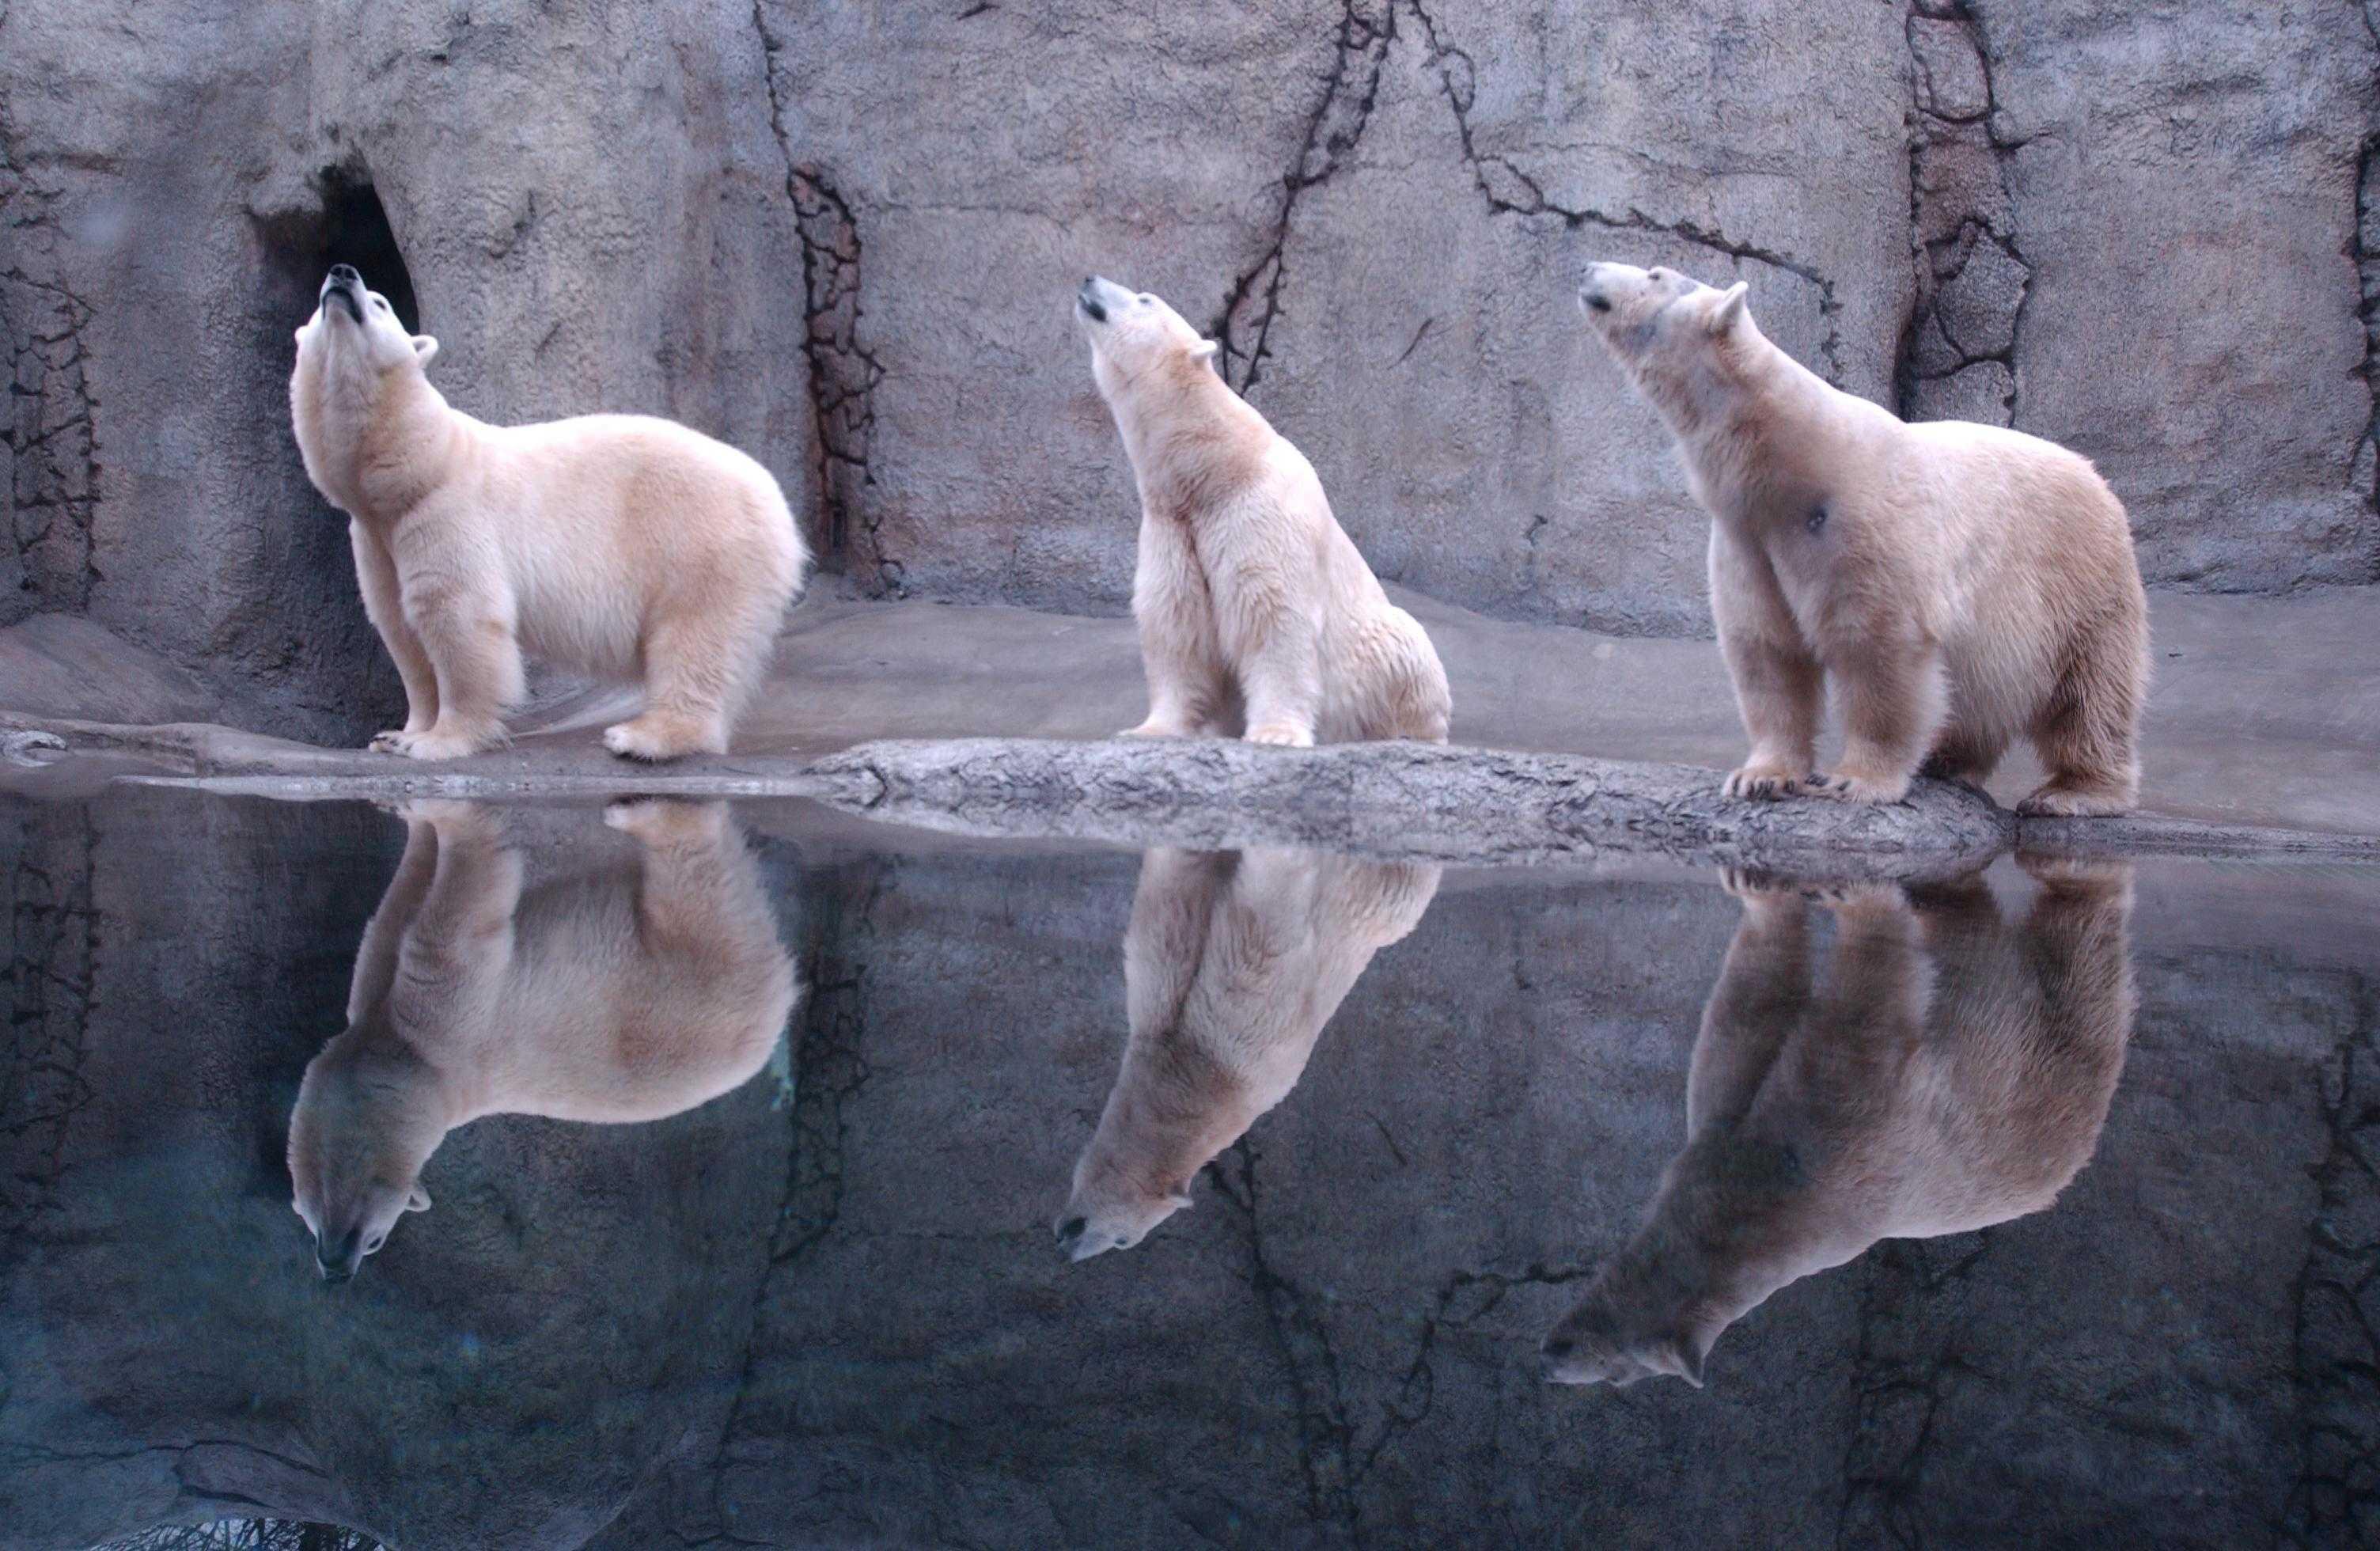 могут медведь отражающийся на льду фото автор проявления богатырский